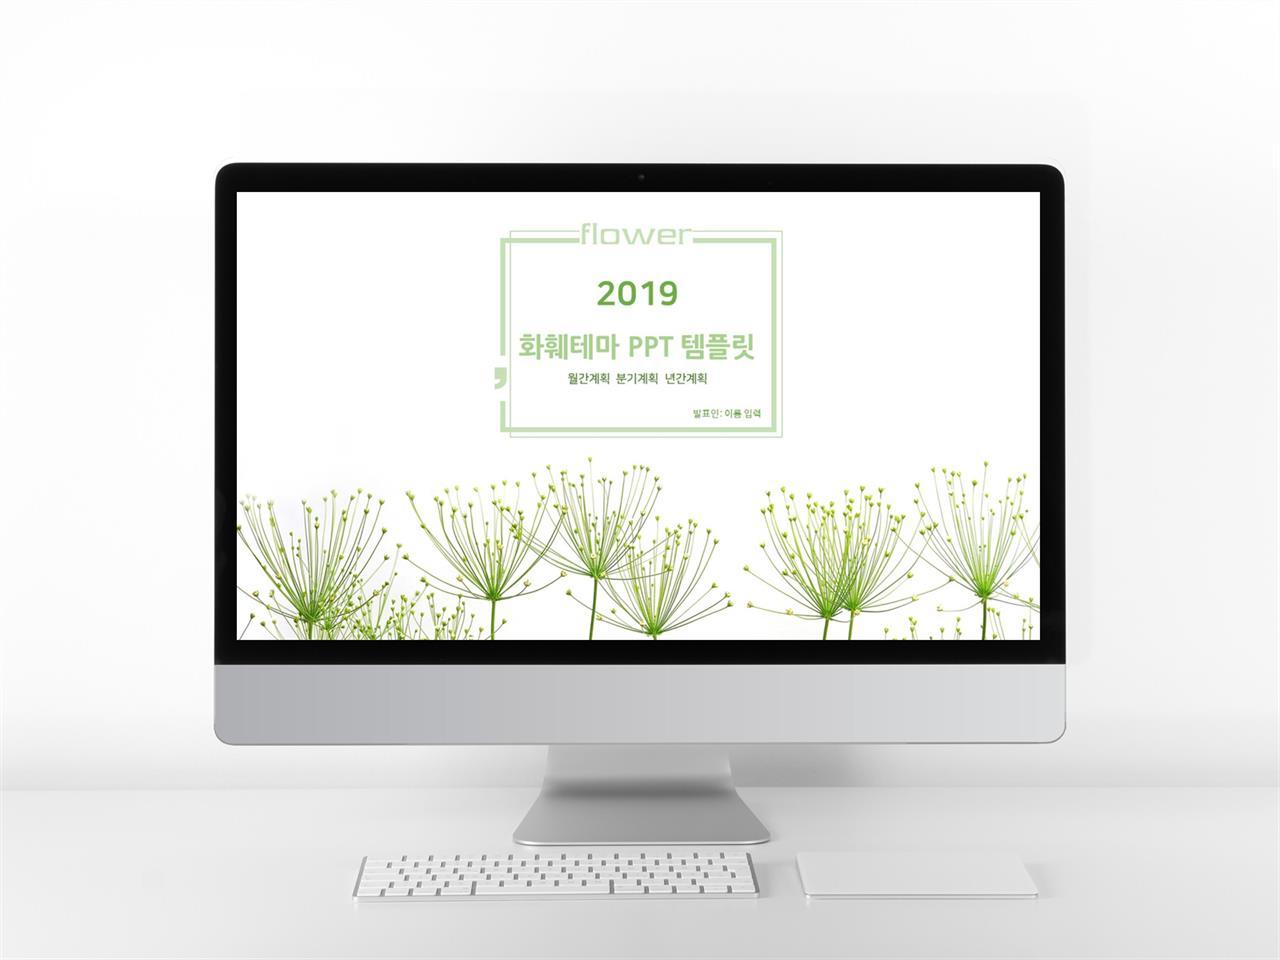 화초주제 녹색 깜찍한 프로급 PPT샘플 사이트 미리보기